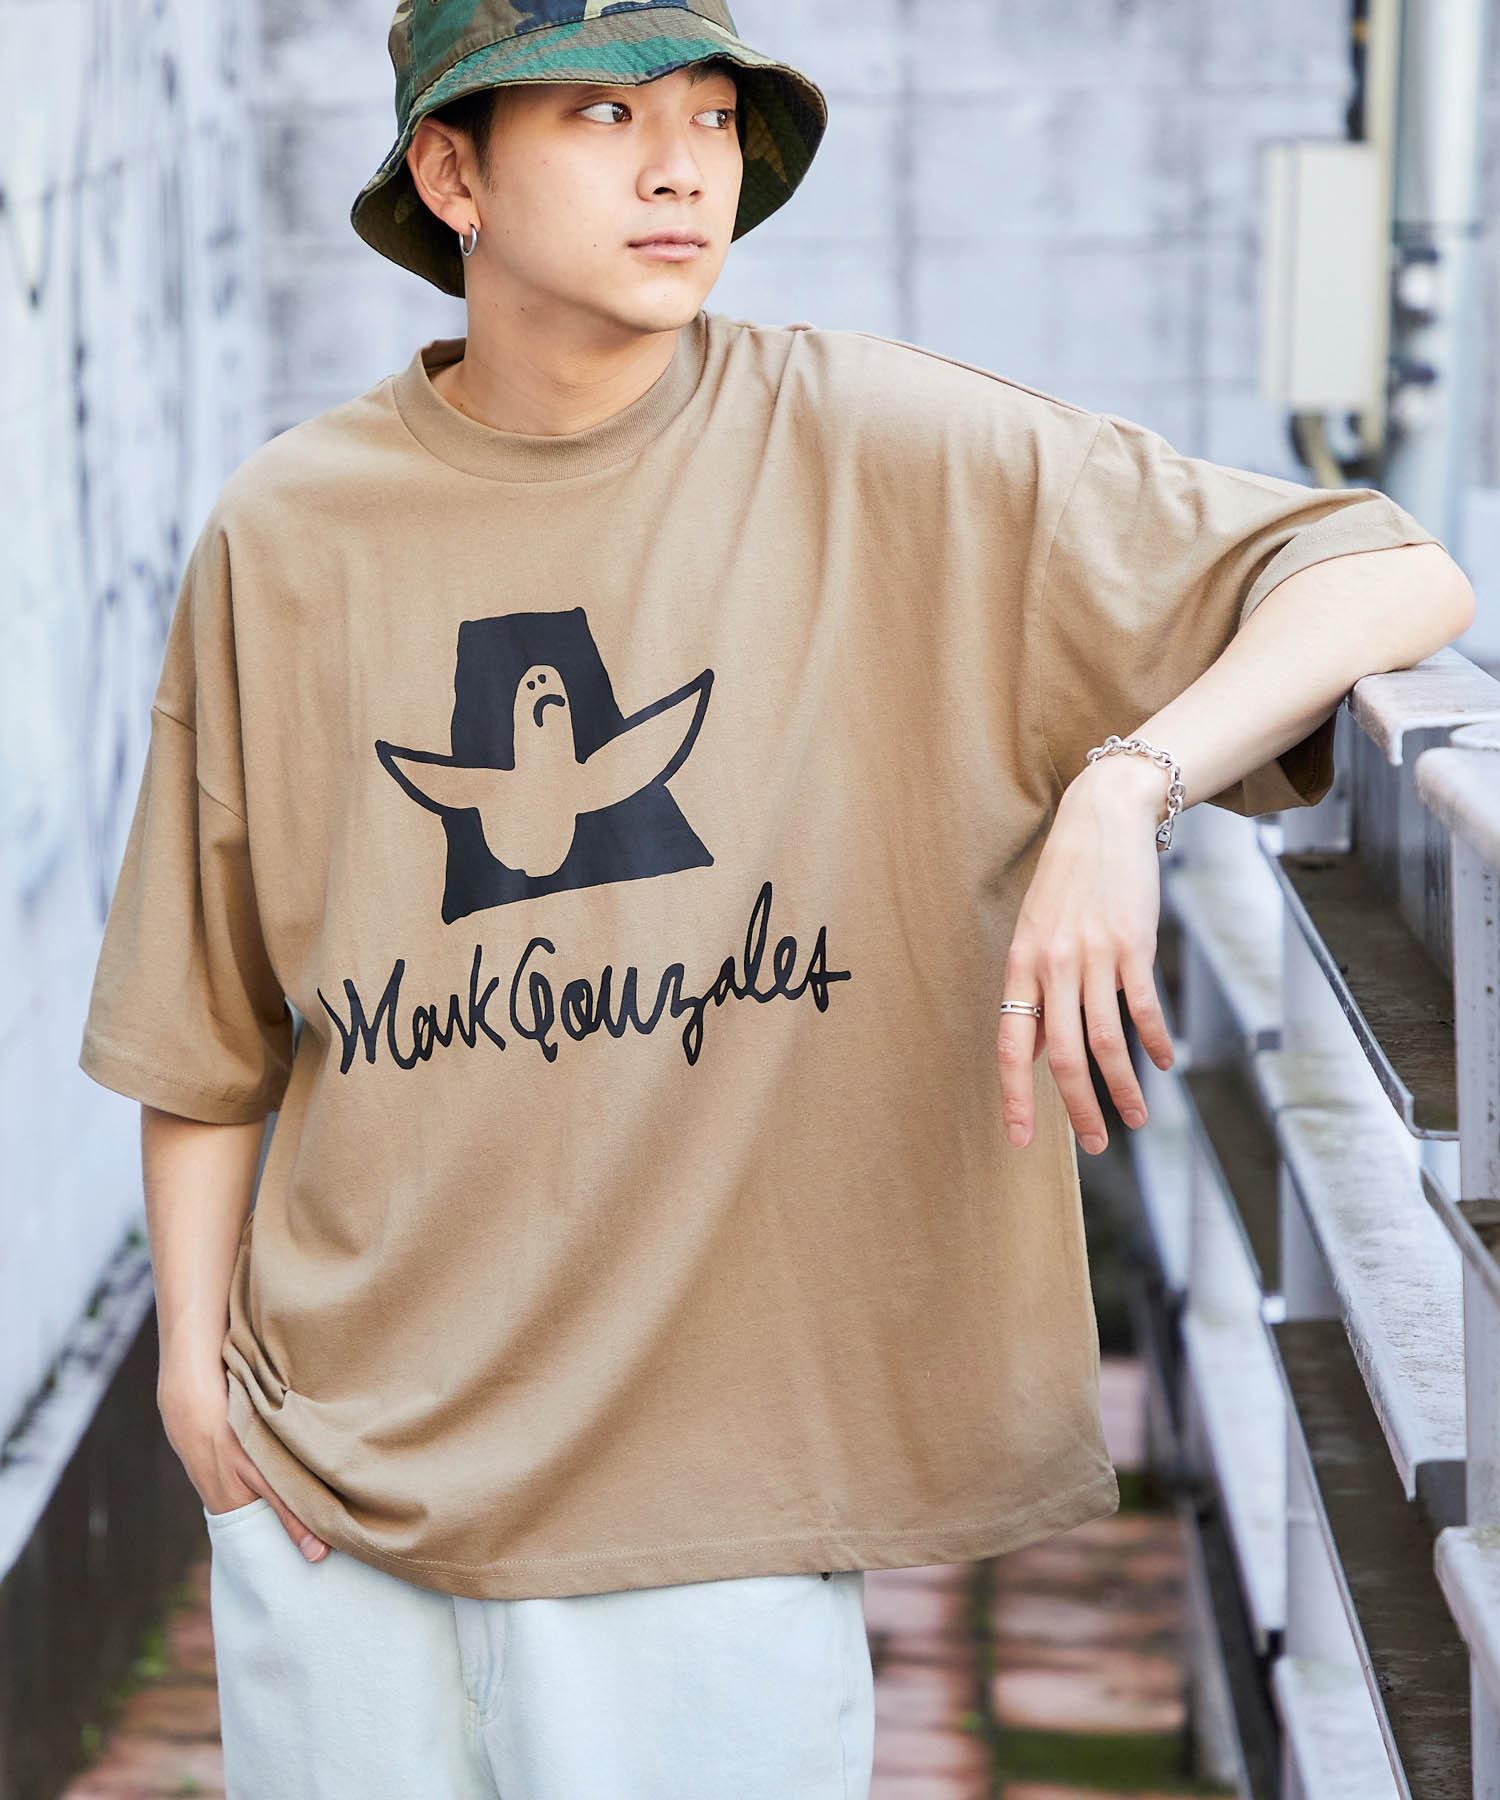 Mark Gonzales/マークゴンザレス MONO-MART別注  ビッグシルエット前面/背面BIGプリント 半袖Tee